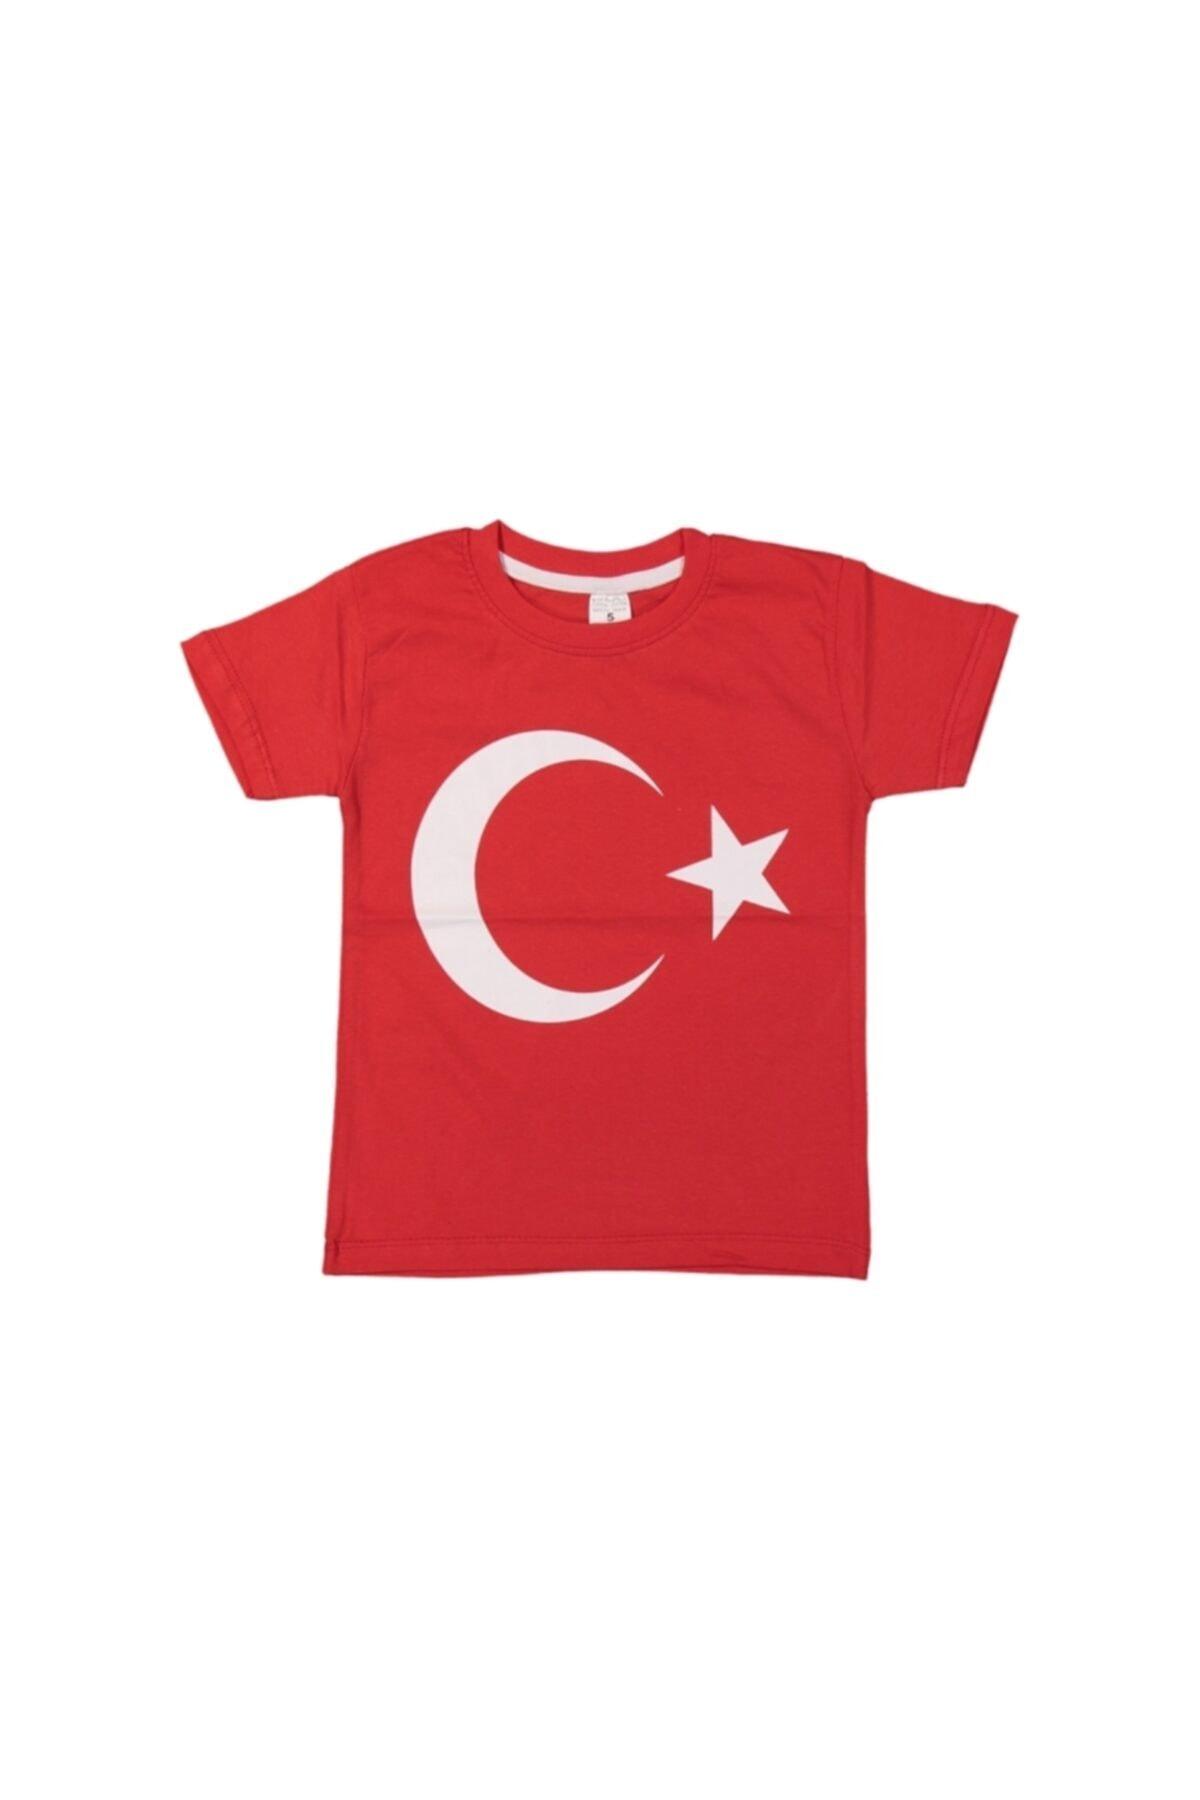 durul store Türk Bayraklı Çocuk Tişört 1